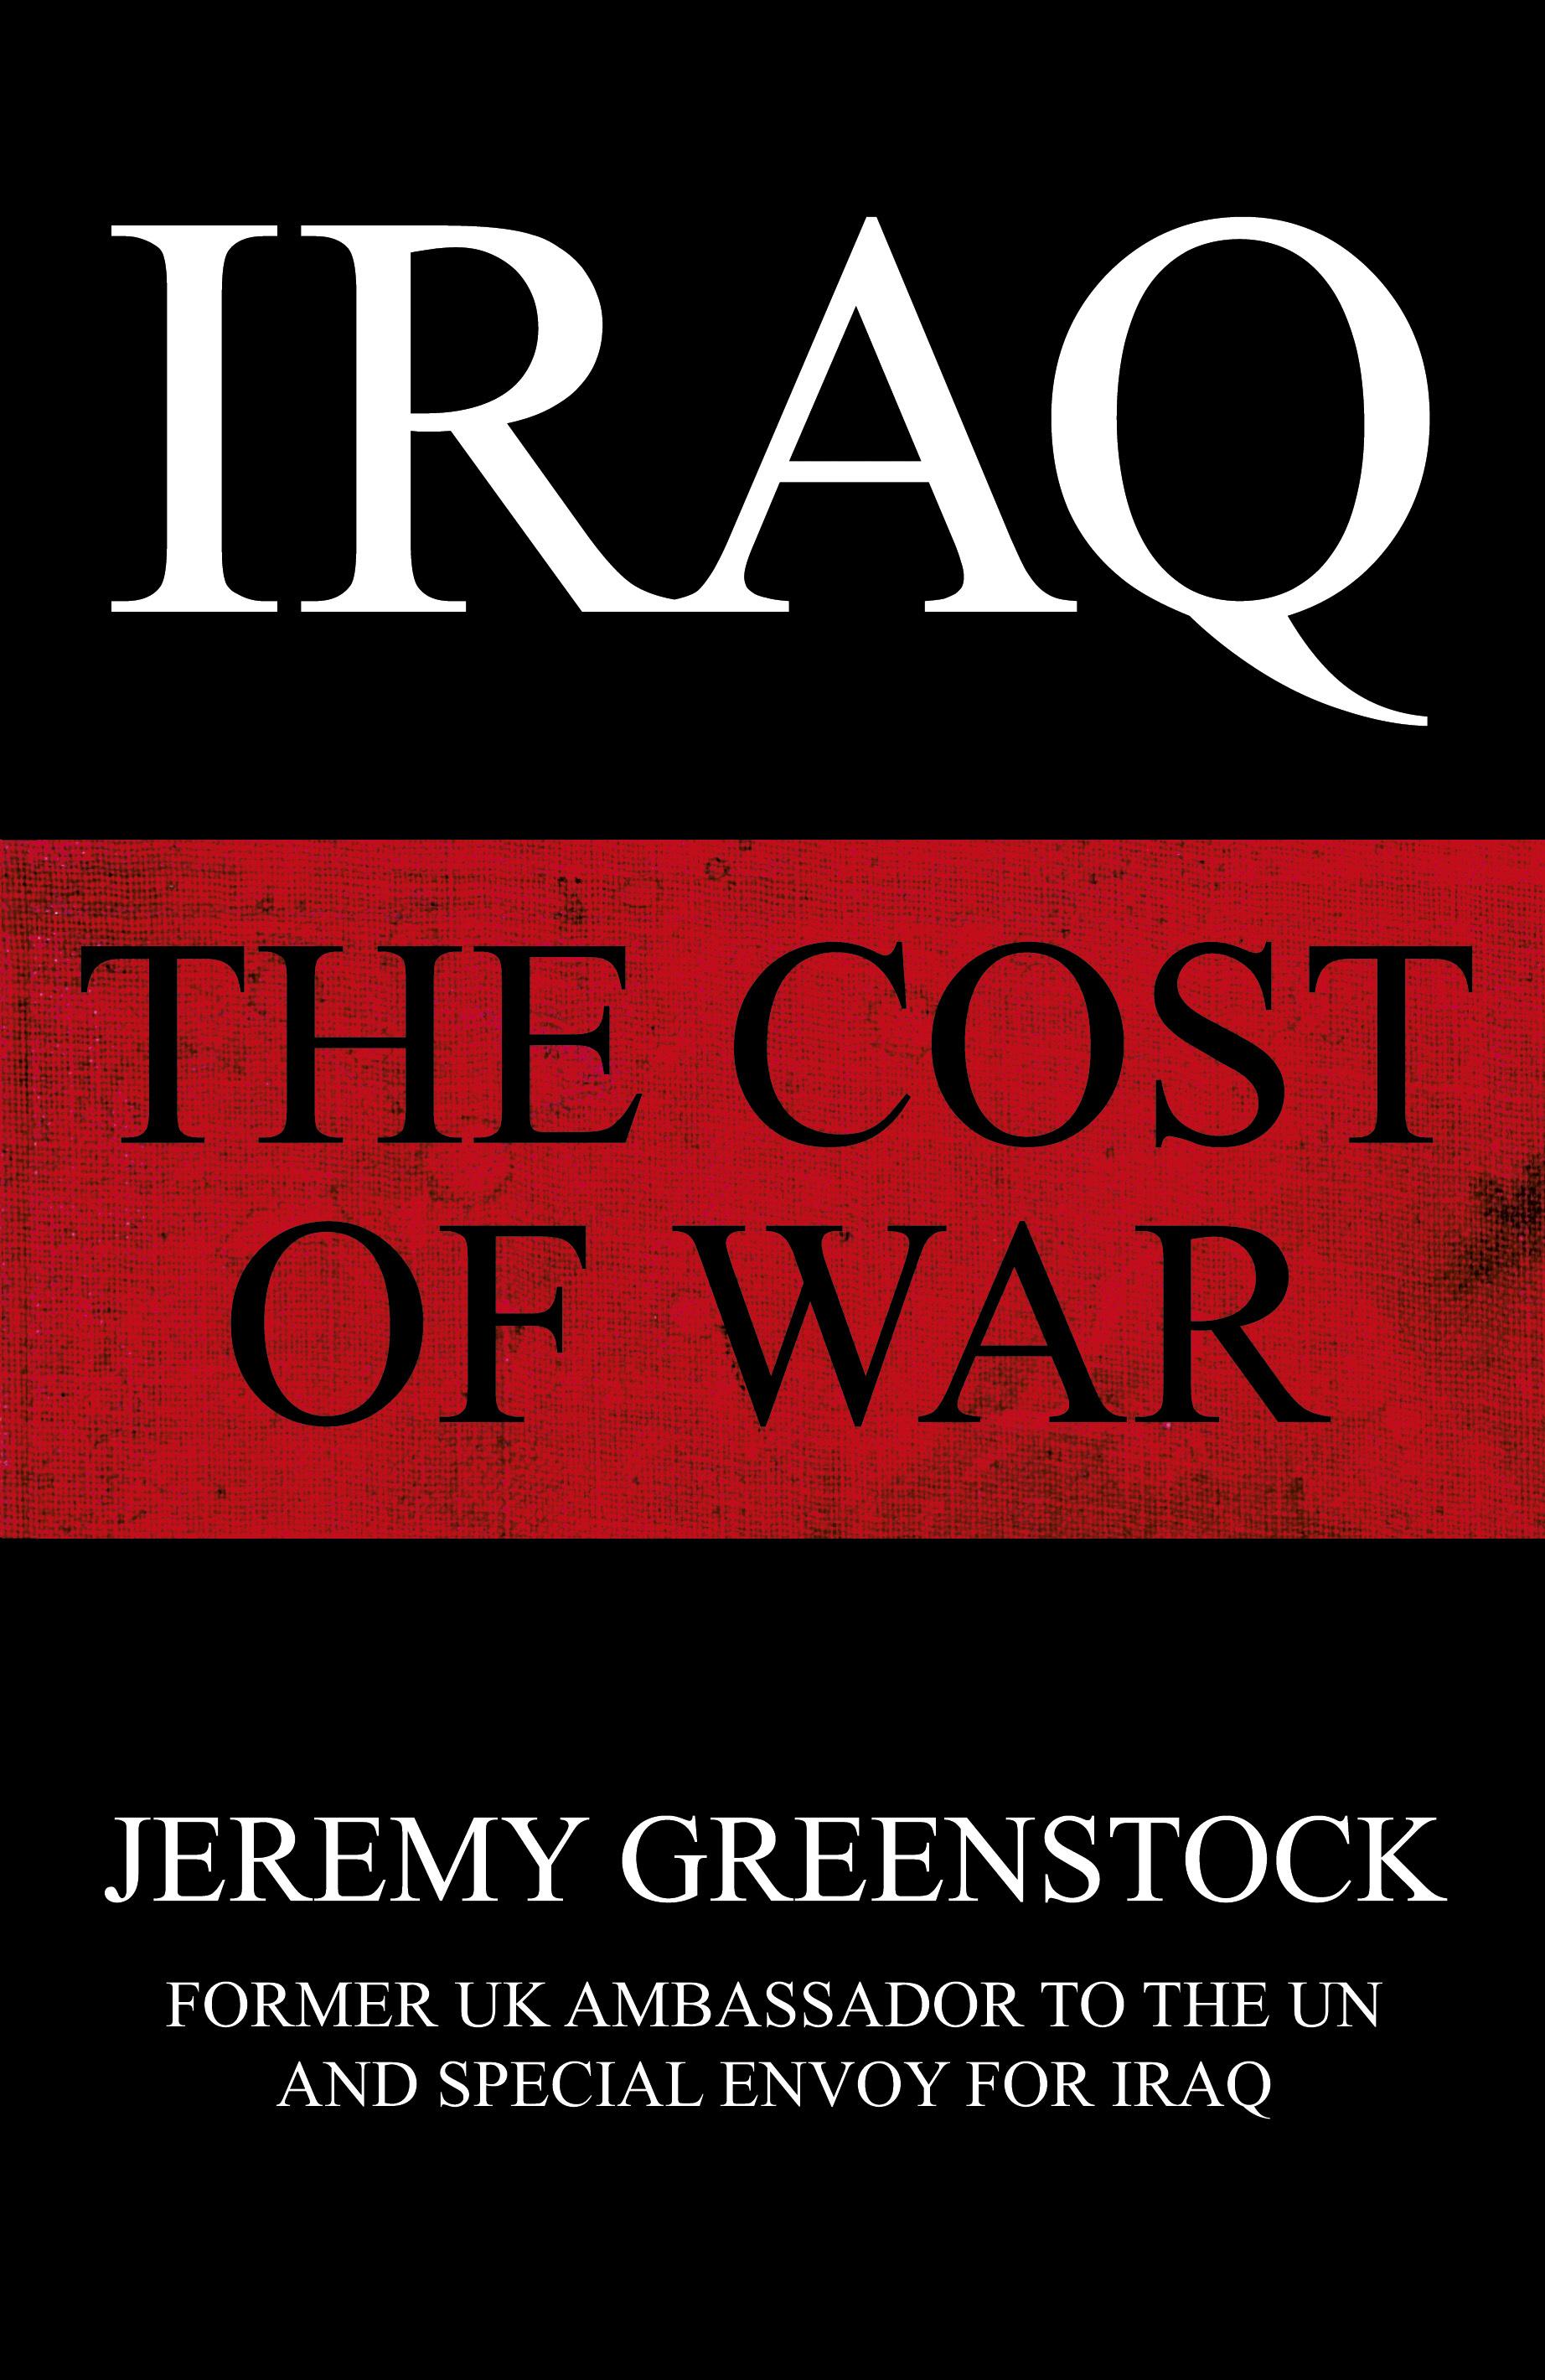 Jeremy Greenstock Iraq The Cost of War jacket.jpg